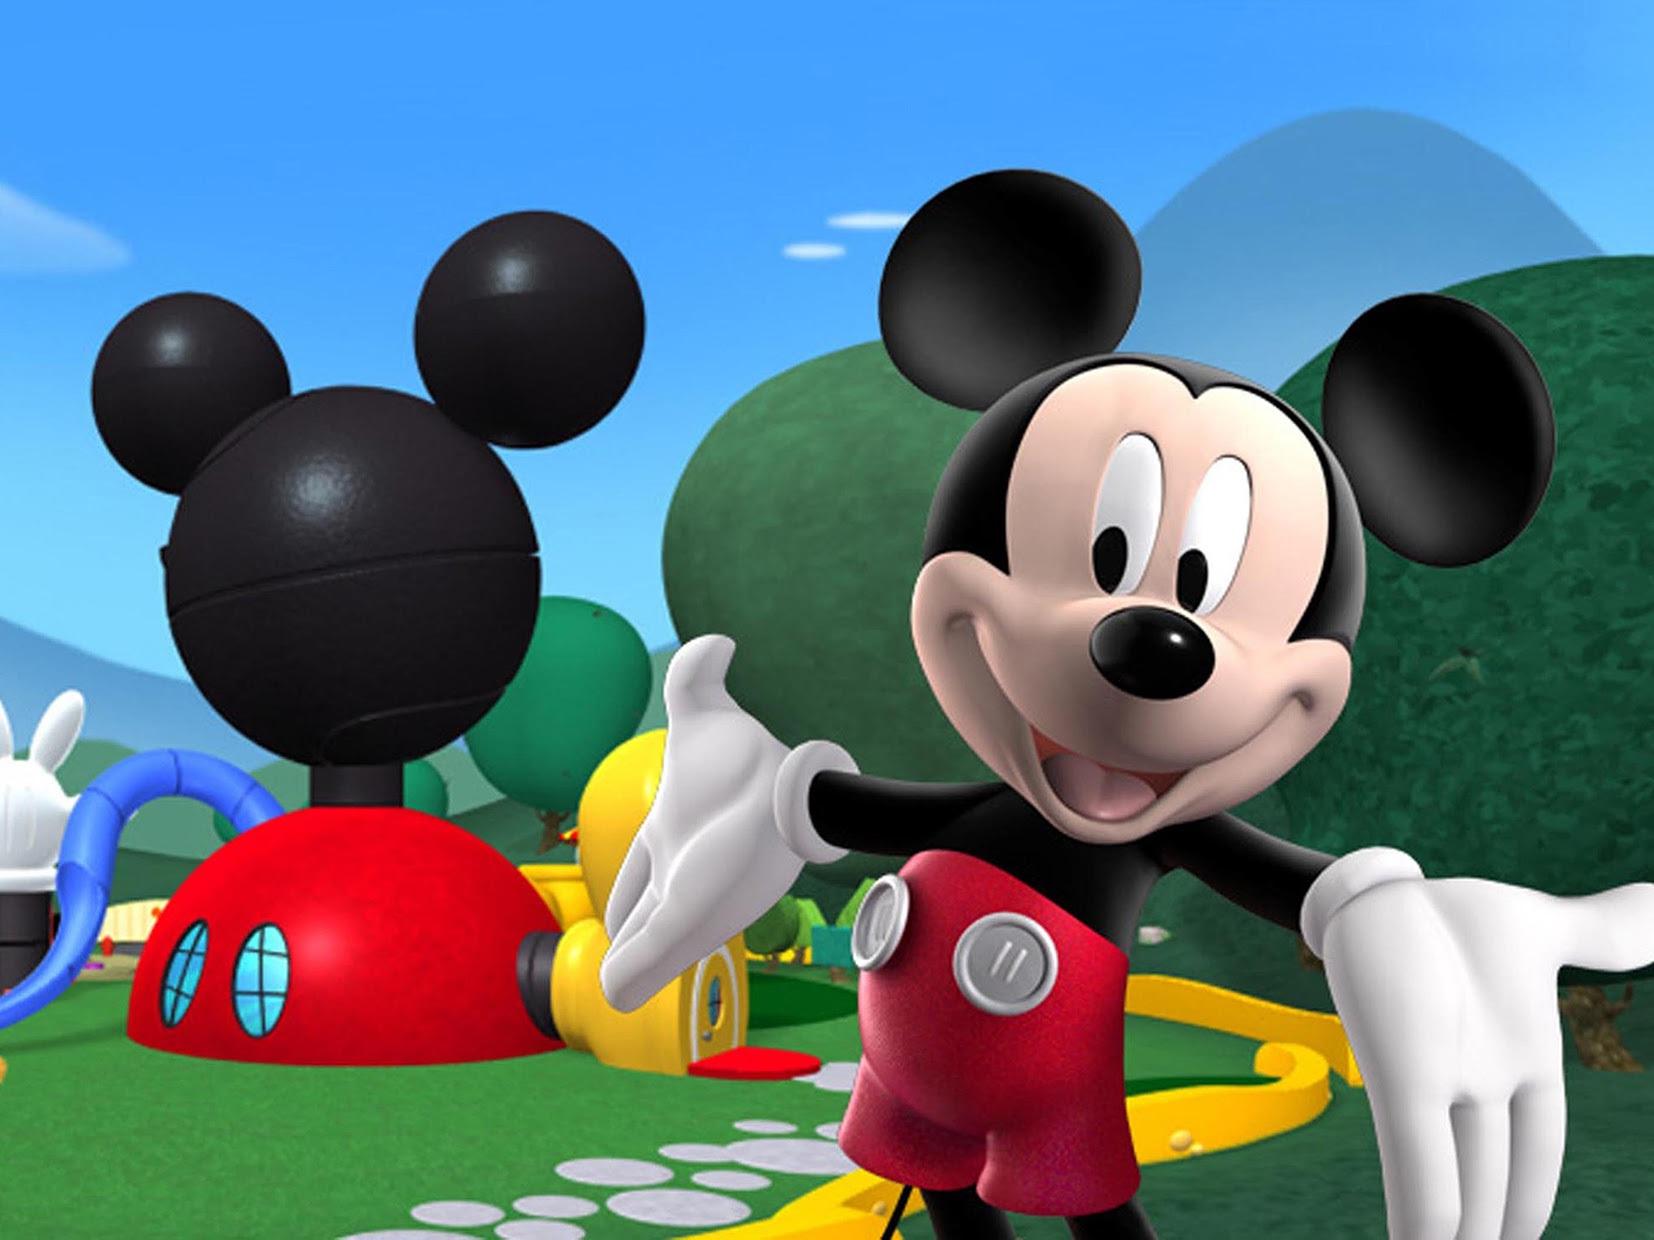 Mickey Mouse completa 90 anos: 10 curiosidades sobre o personagem